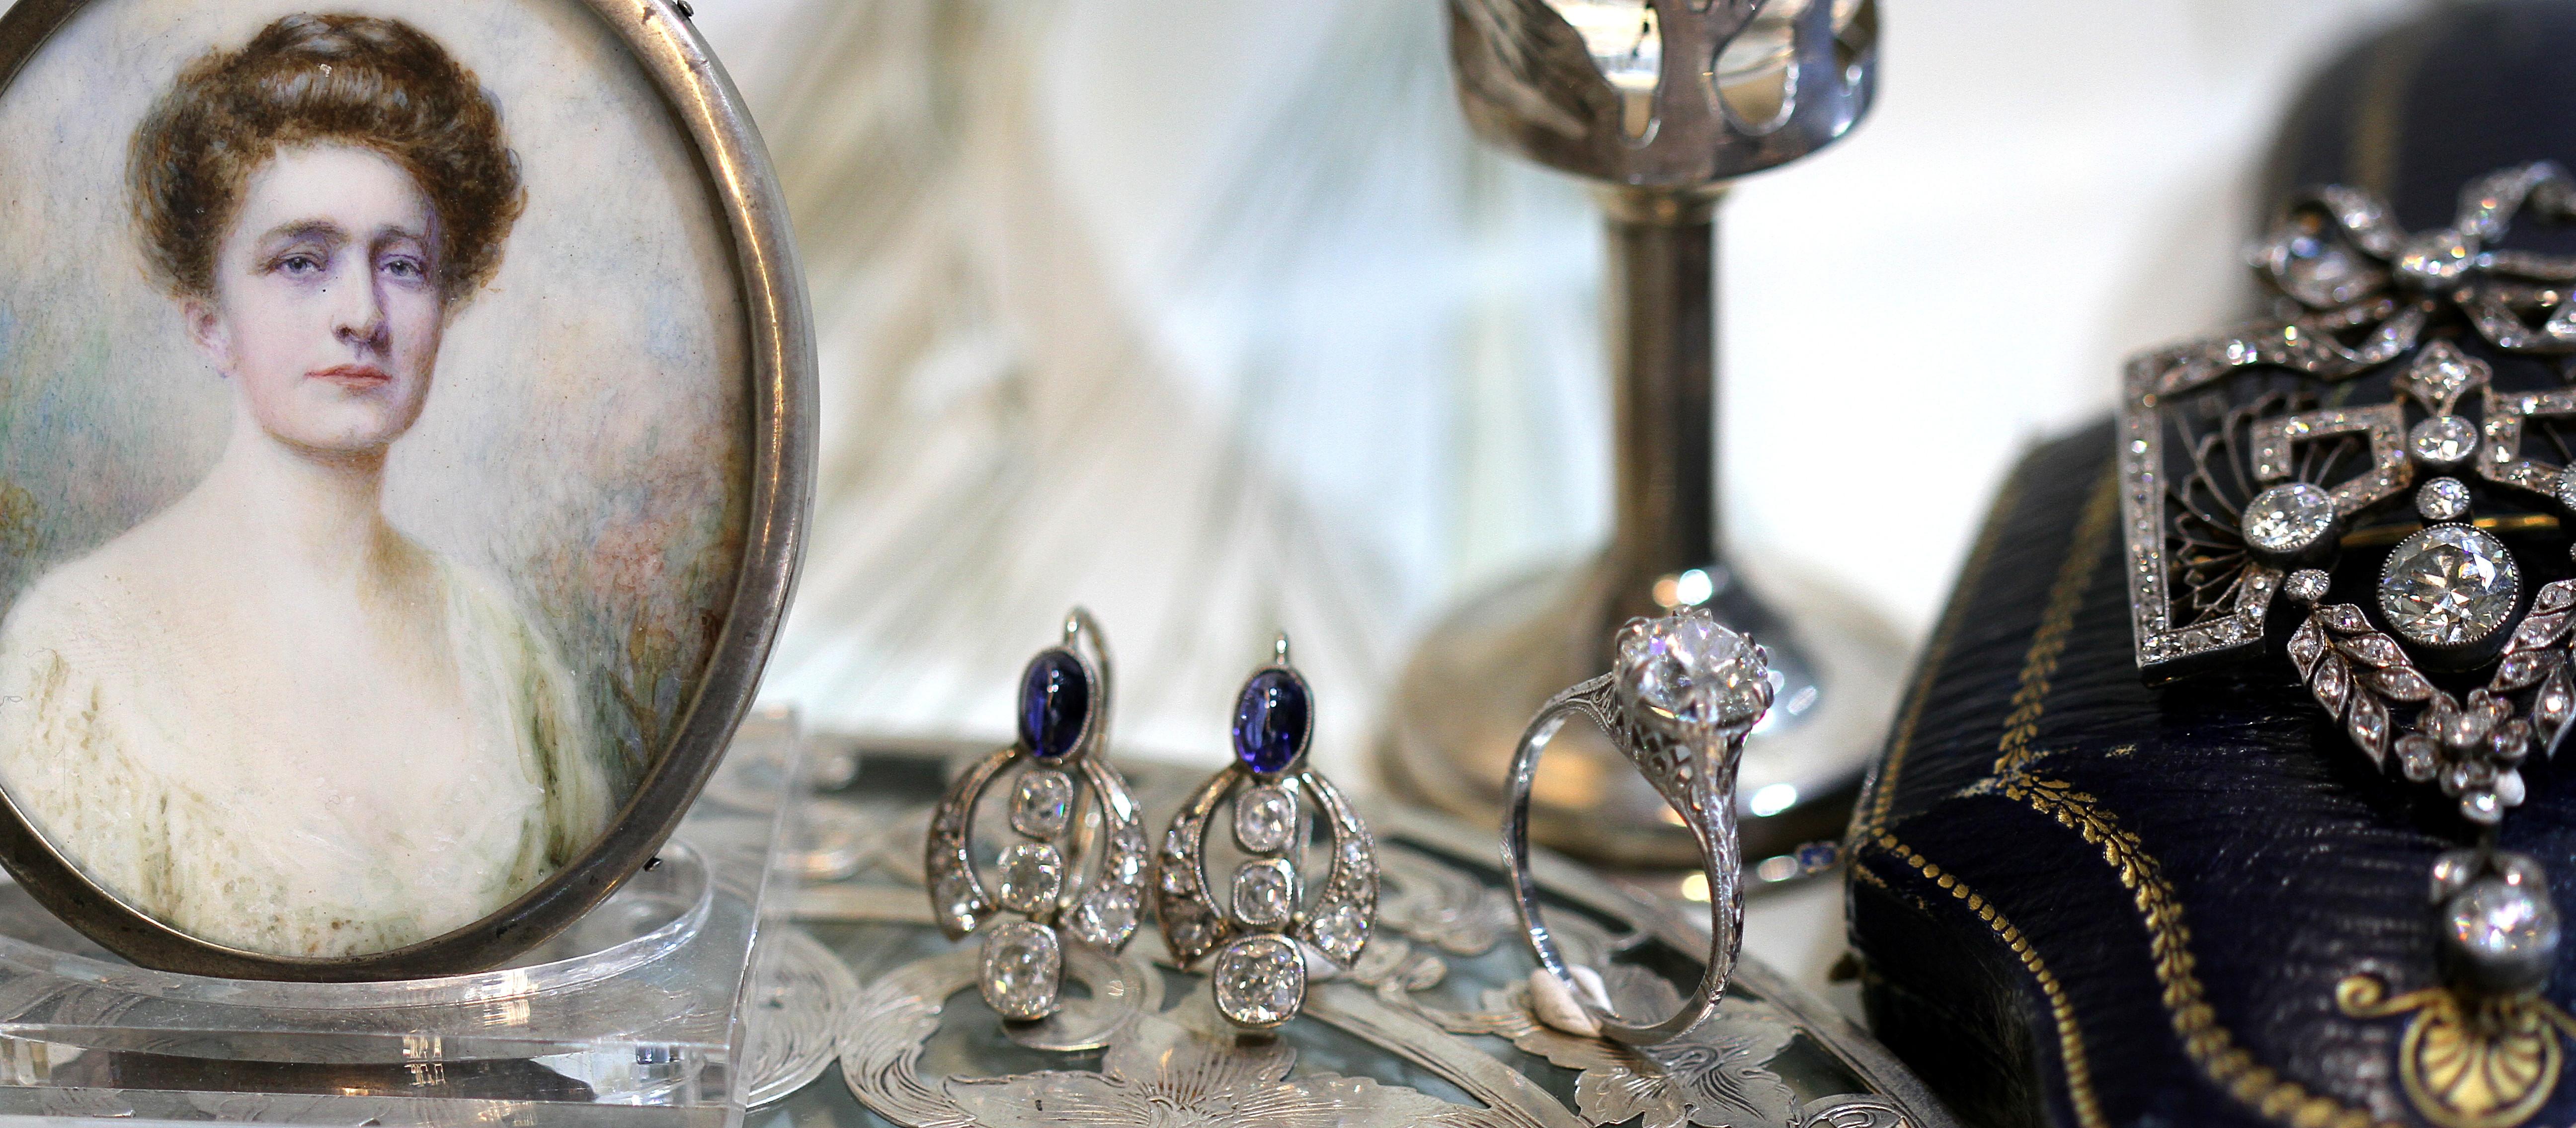 Starožitné šperky jako dárek nebo investice